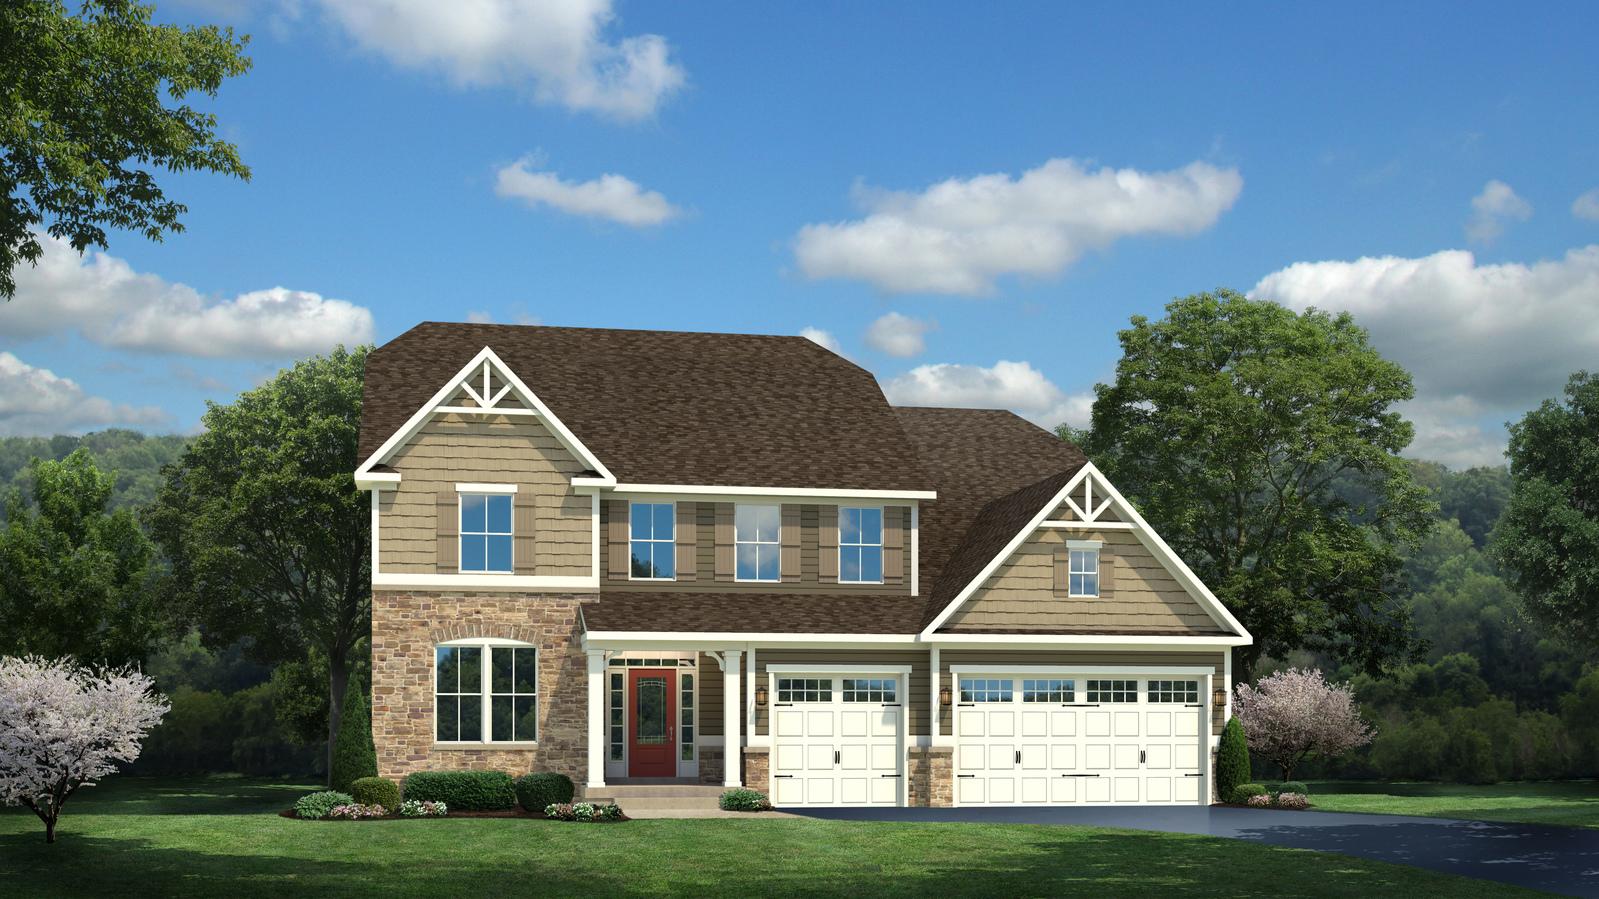 New Olsen Home Model For Sale Heartland Homes